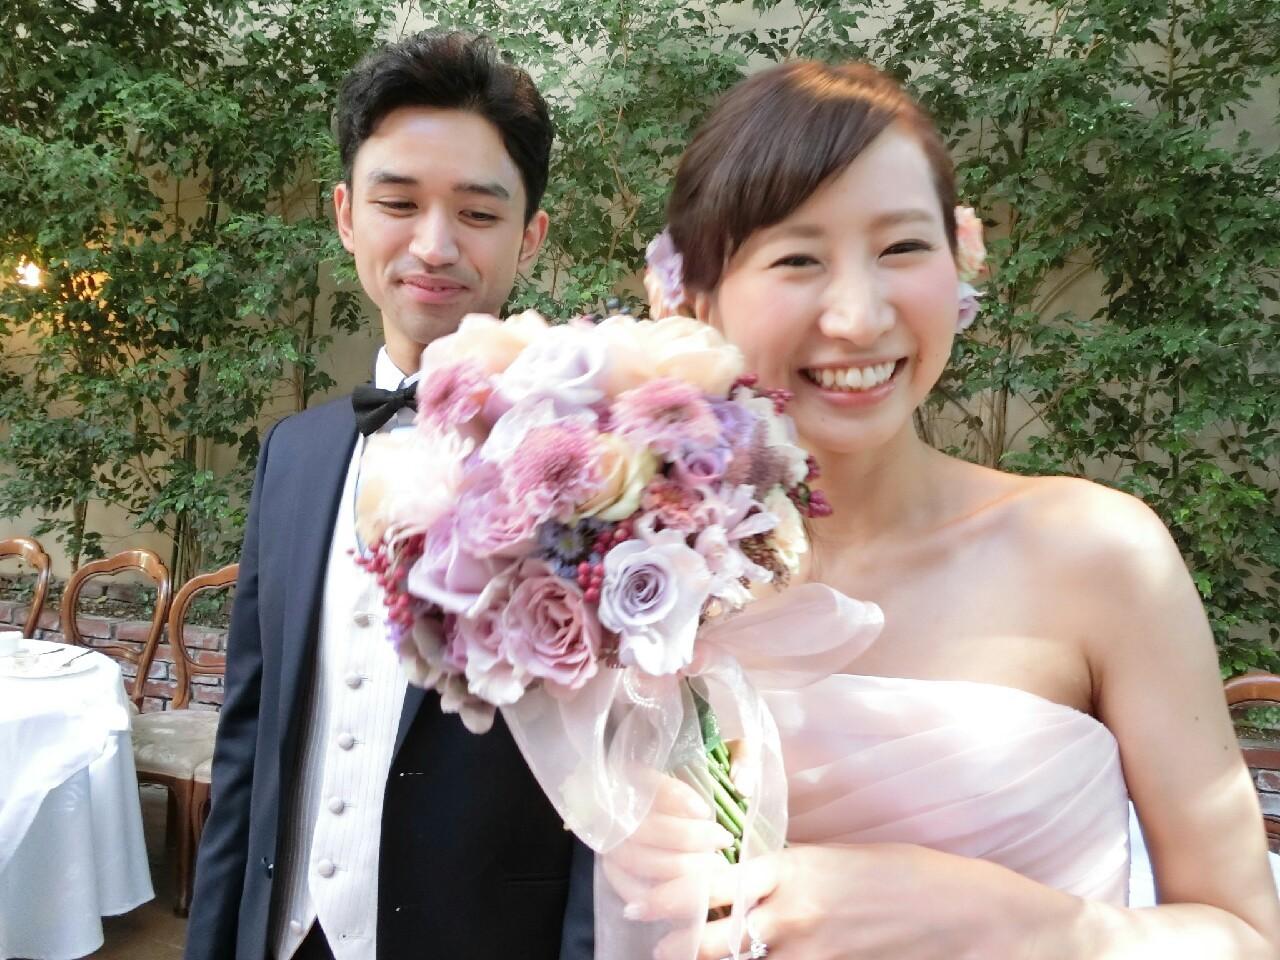 クラッチブーケ リストランテASOの花嫁さまへ バラと実り_a0042928_10382664.jpg